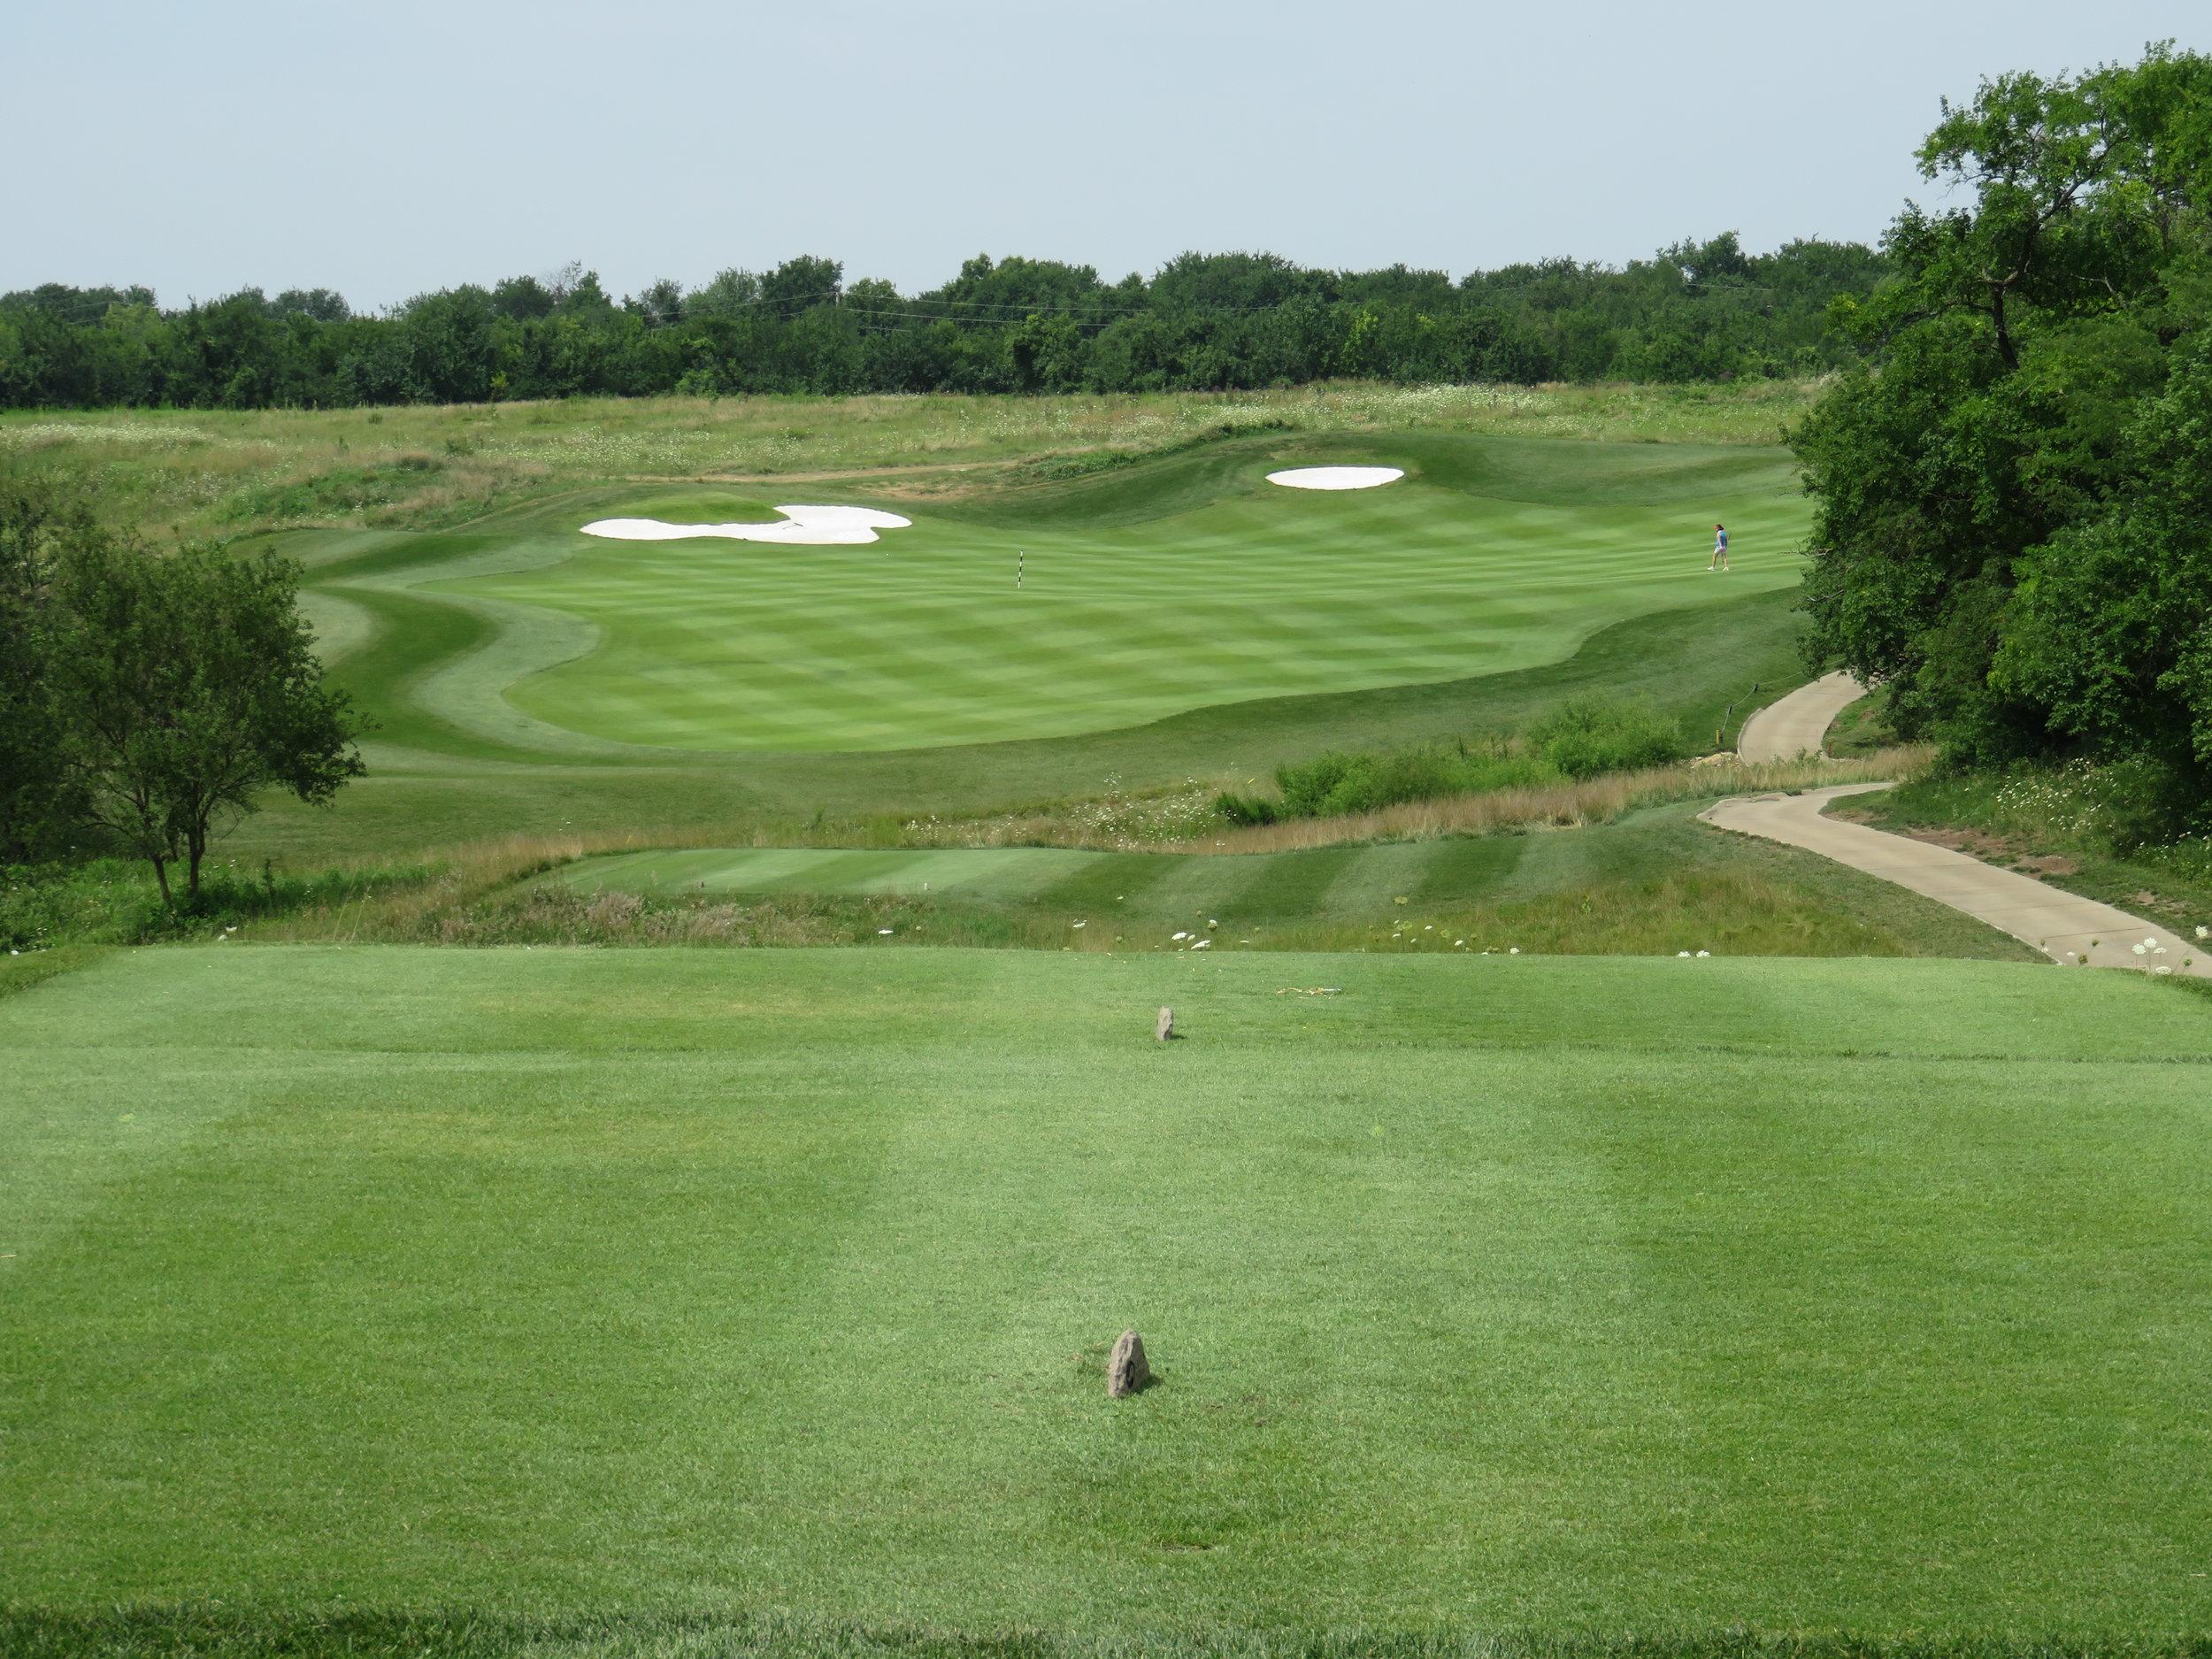 36+ Canyon farms golf course kansas city information